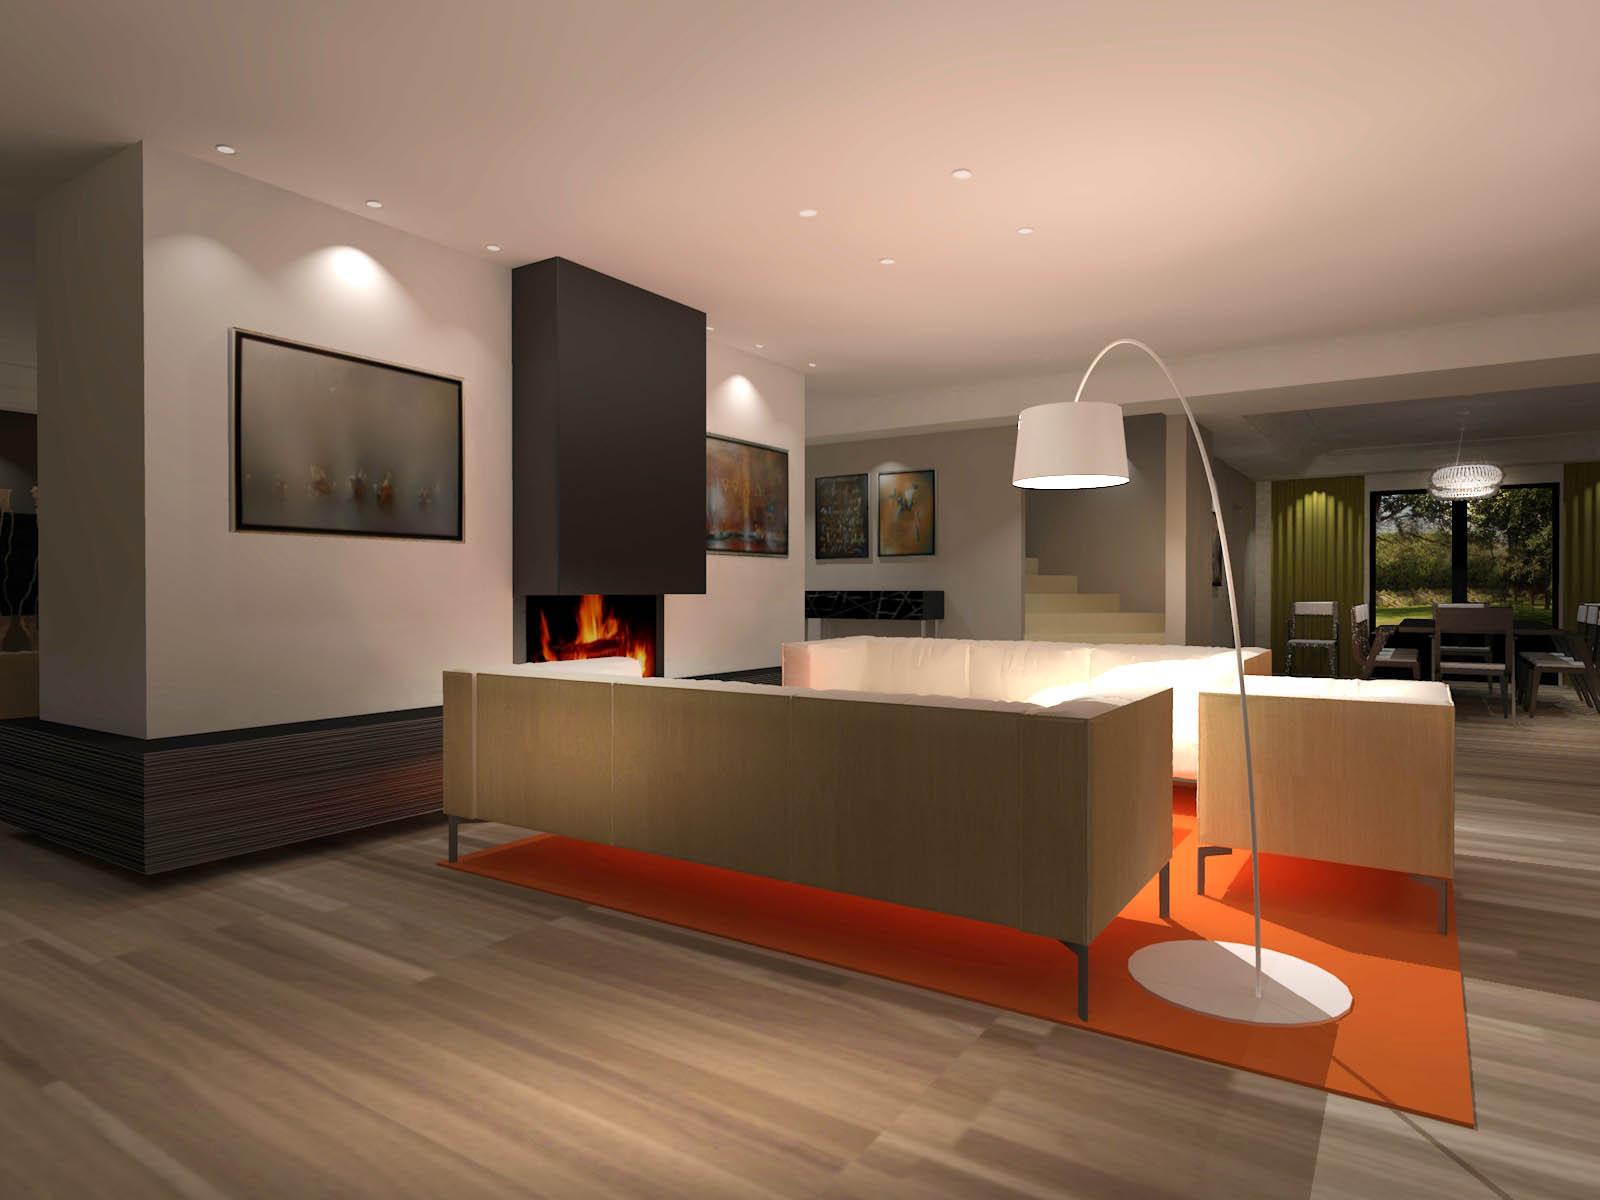 Am nagement int rieur maison h abw warnant architecte for Amenagement interieur maison